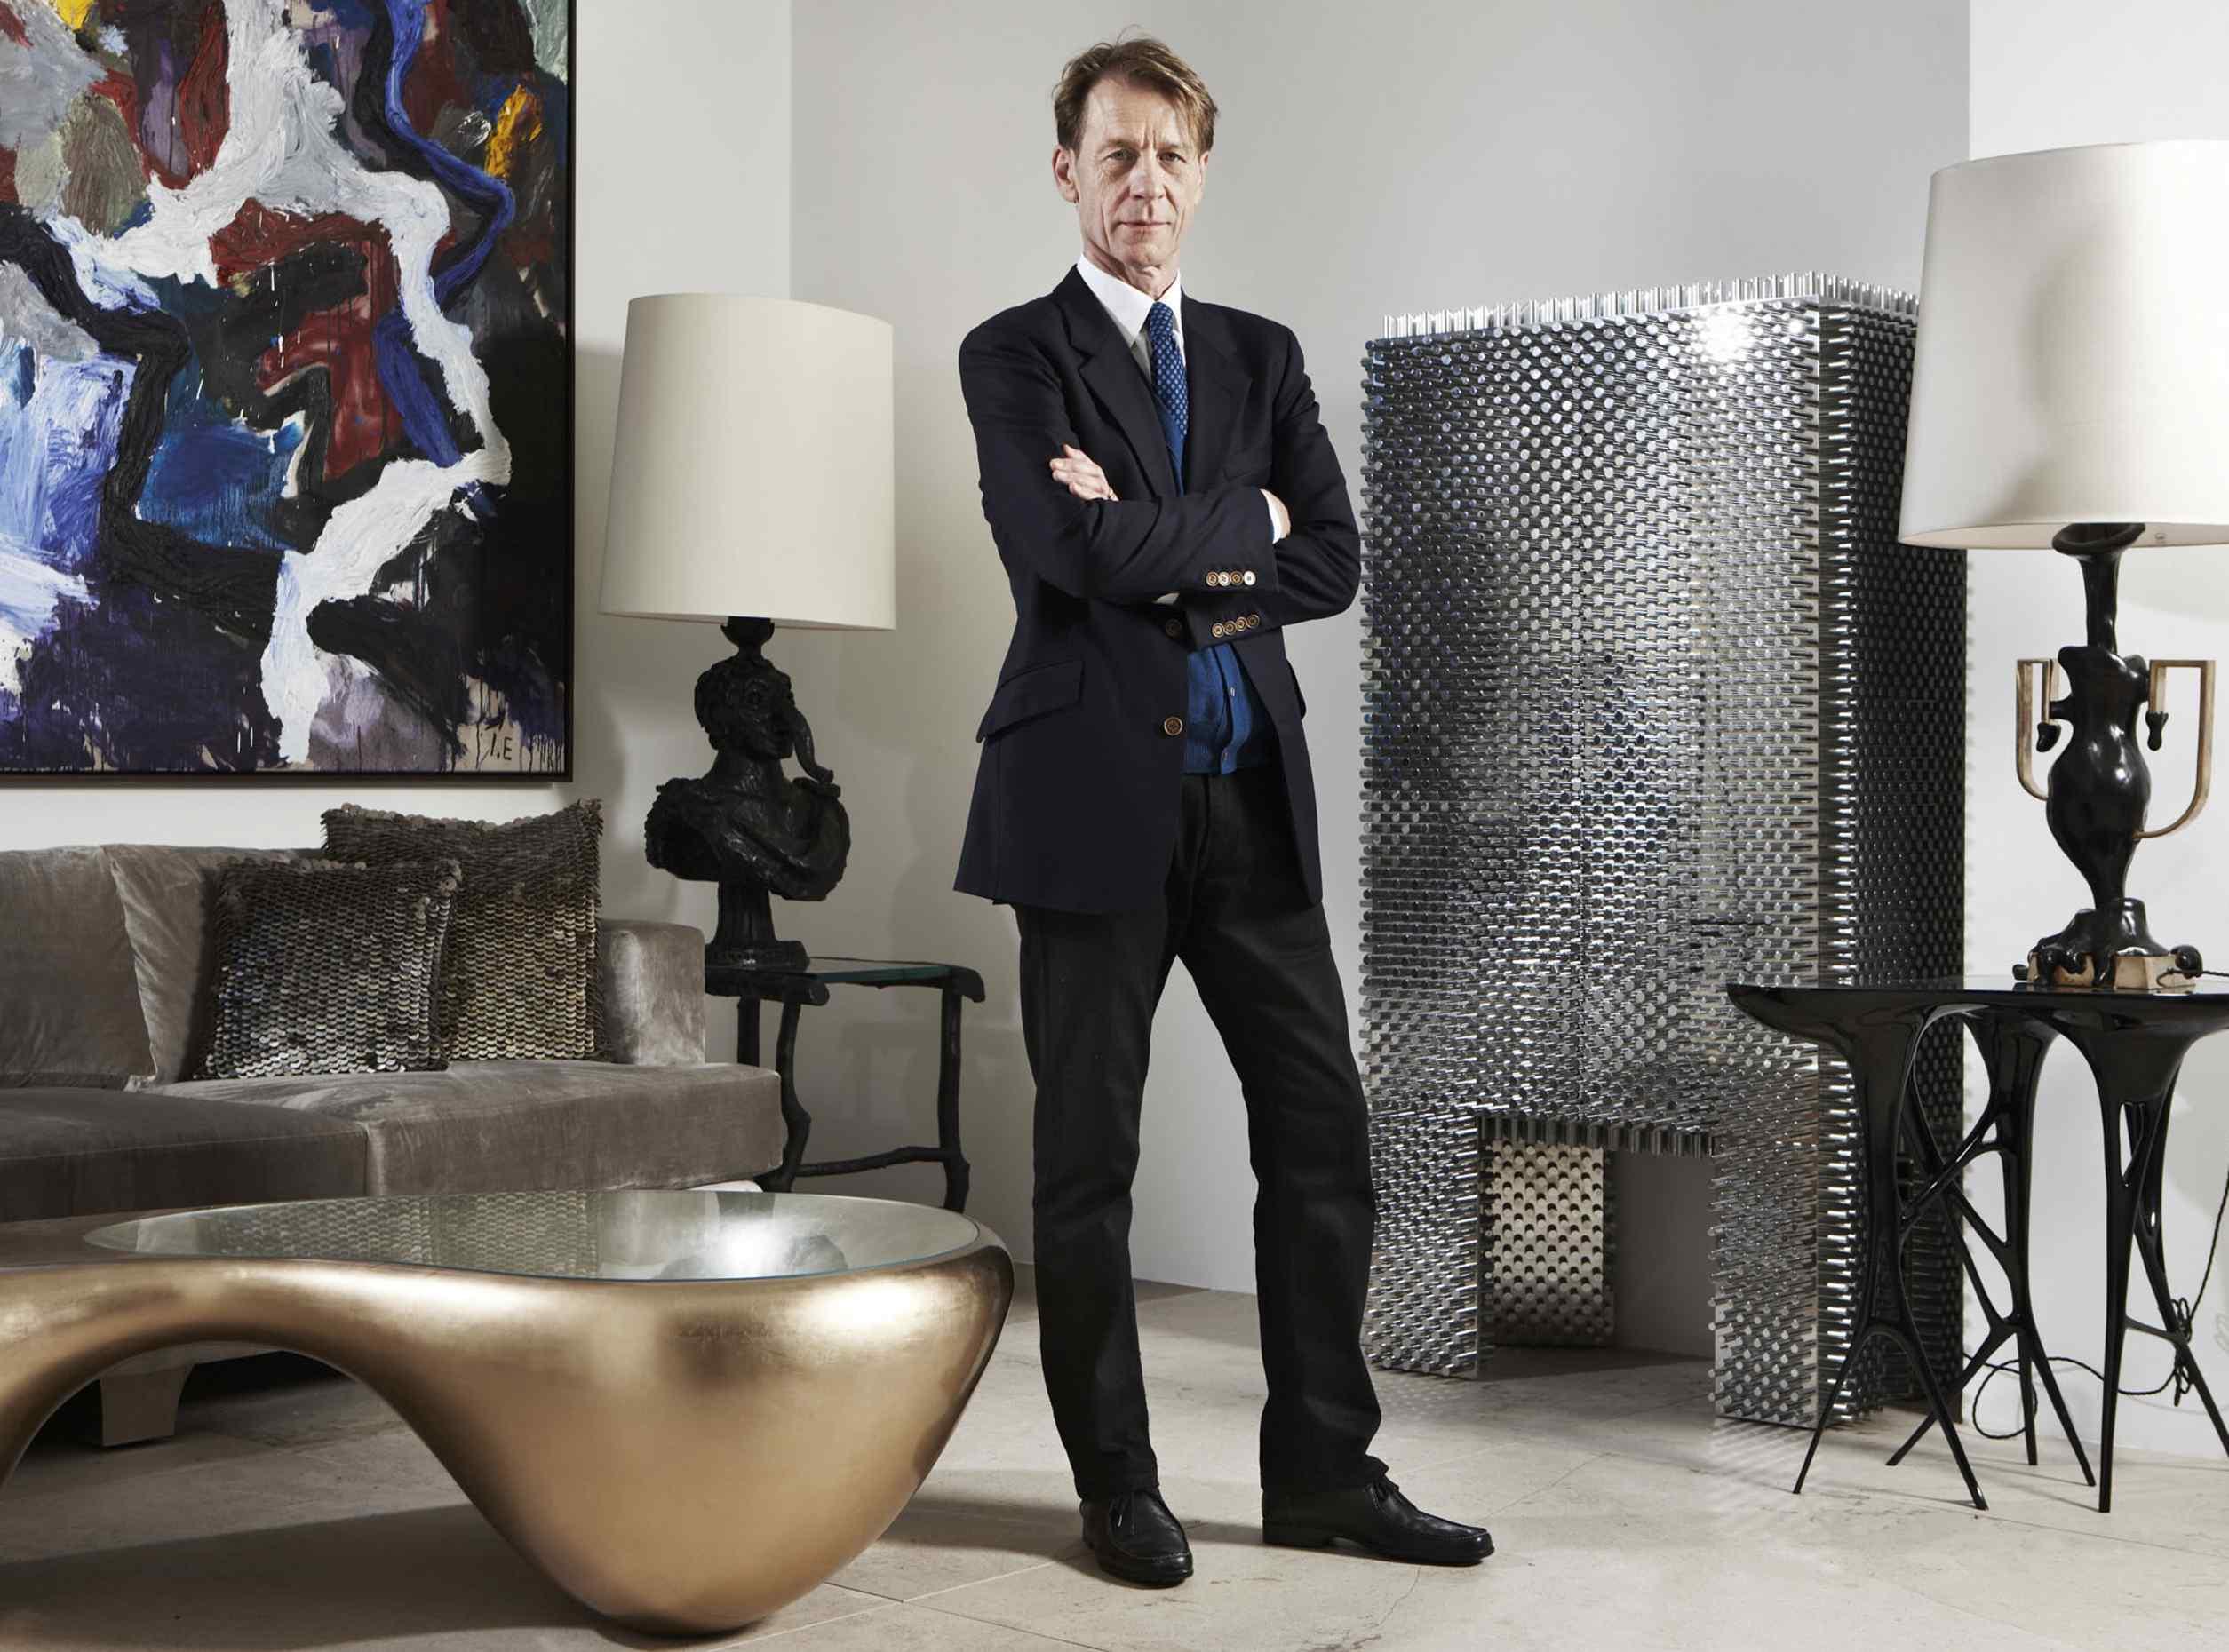 Exquisite Contemporary Luxury Design by Mattia Bonetti - Mattia Mattia Bonetti Exquisite Contemporary Luxury Design by Mattia Bonetti Exquisite Contemporary Luxury Design by Mattia Bonetti Mattia